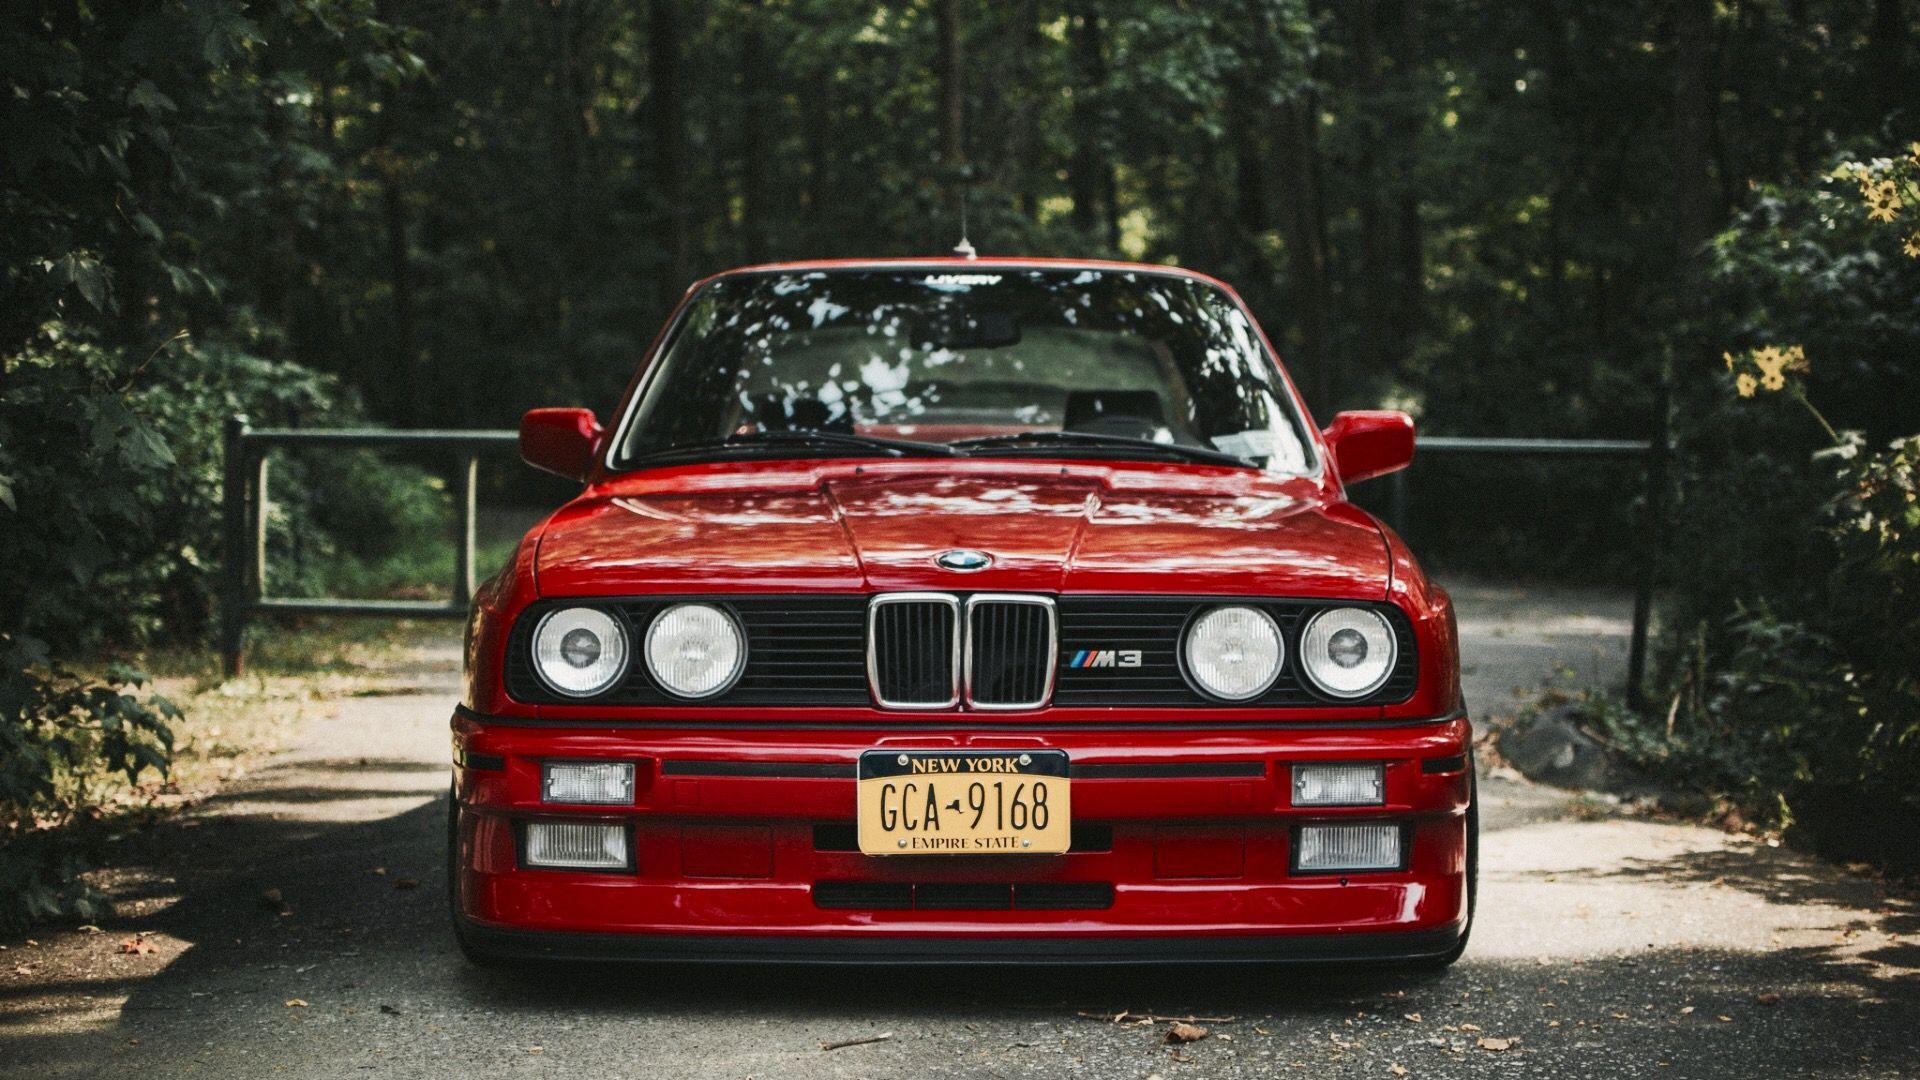 Bmw M3 Evo Bmw E30 Bmw E30 M3 Red Bmw